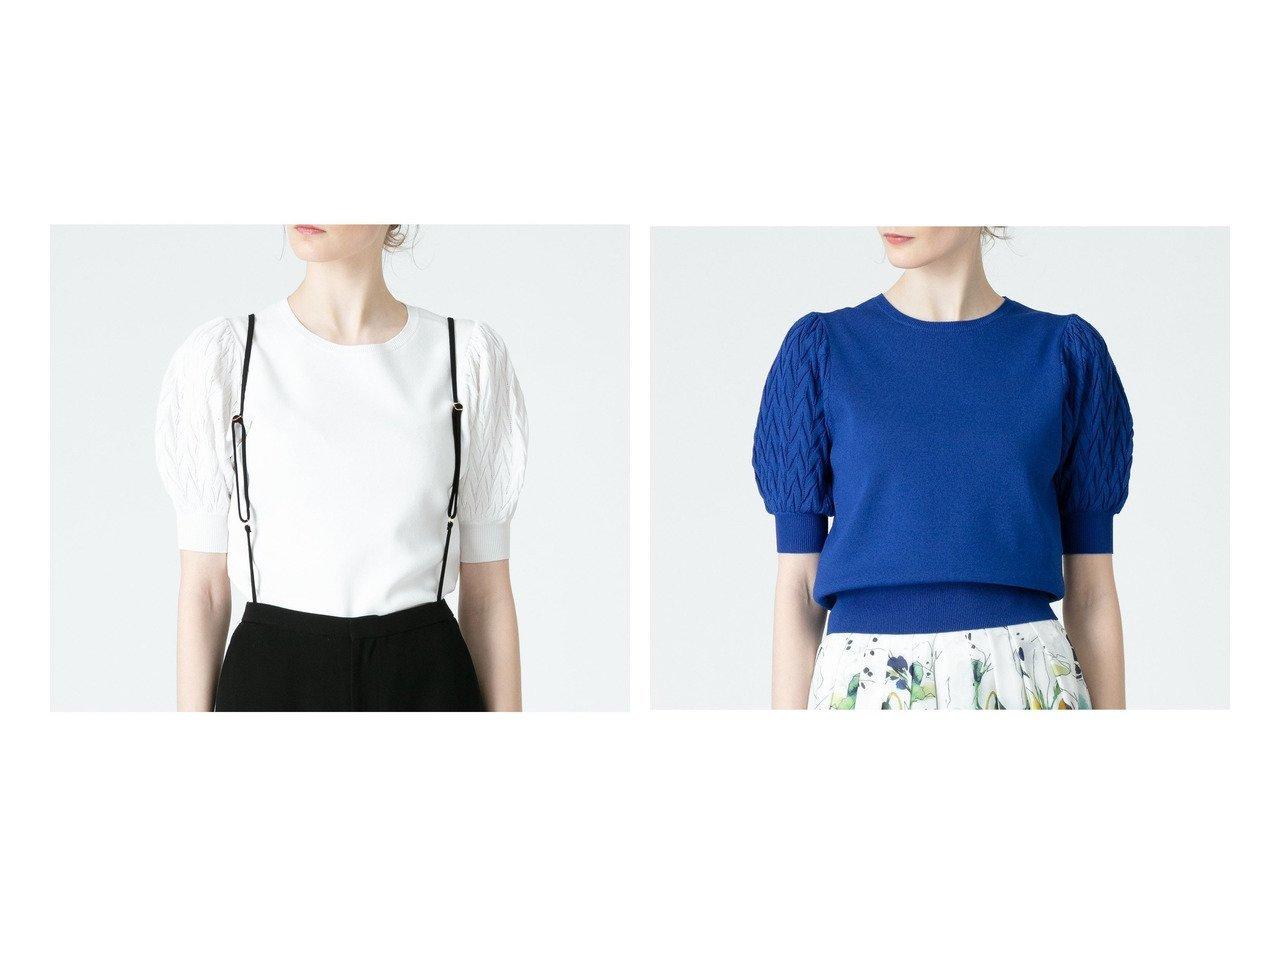 【allureville/アルアバイル】の【LOULOU WILLOUGHBY】レーシーパフプルオーバー 【トップス・カットソー】おすすめ!人気、トレンド・レディースファッションの通販 おすすめで人気の流行・トレンド、ファッションの通販商品 インテリア・家具・メンズファッション・キッズファッション・レディースファッション・服の通販 founy(ファニー) https://founy.com/ ファッション Fashion レディースファッション WOMEN トップス・カットソー Tops/Tshirt ニット Knit Tops プルオーバー Pullover スリーブ セーター レーシー 透かし  ID:crp329100000040956